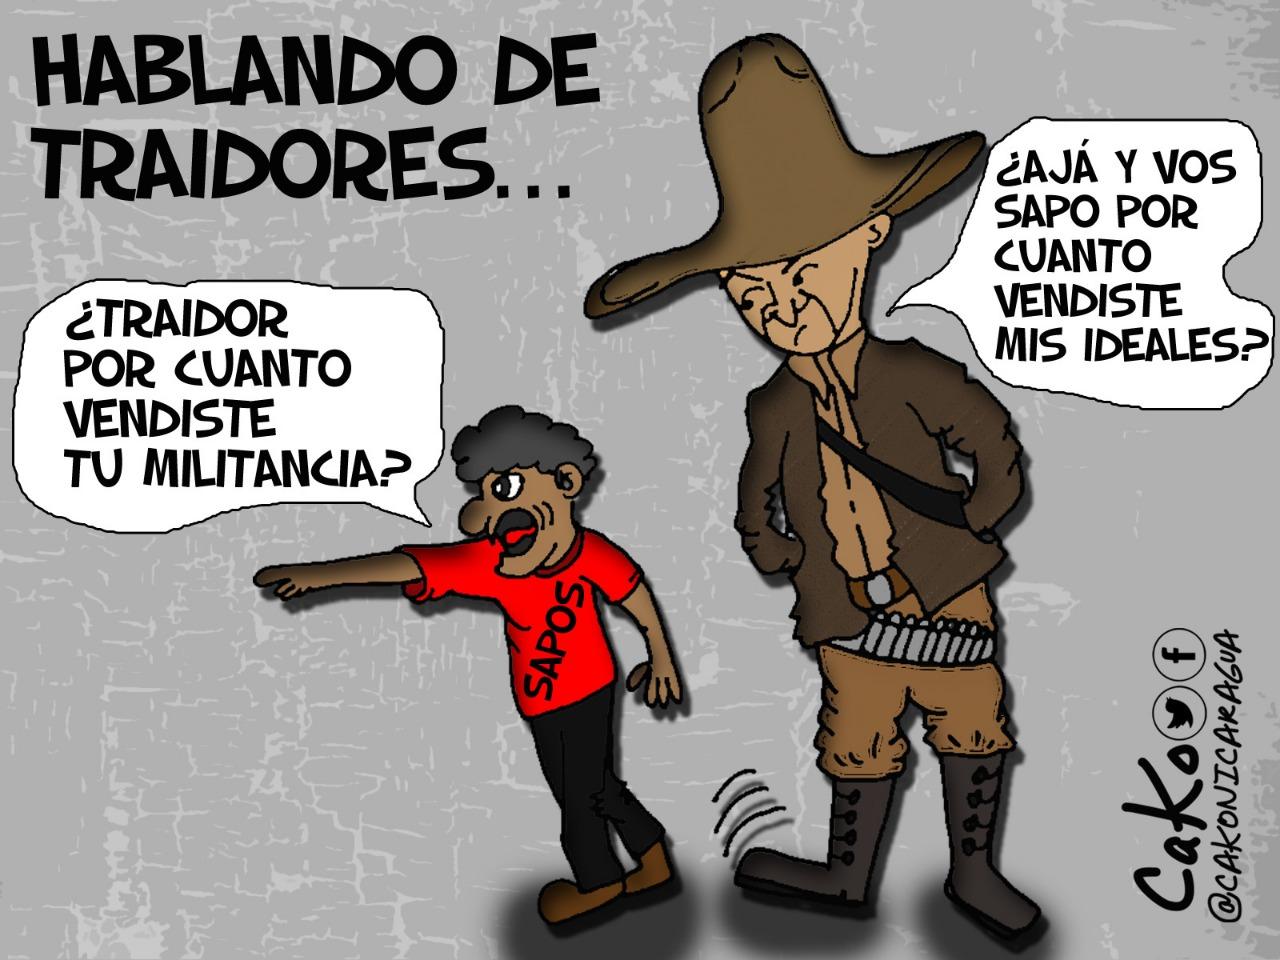 Los nuevos traidores. Caricaturista: Cako